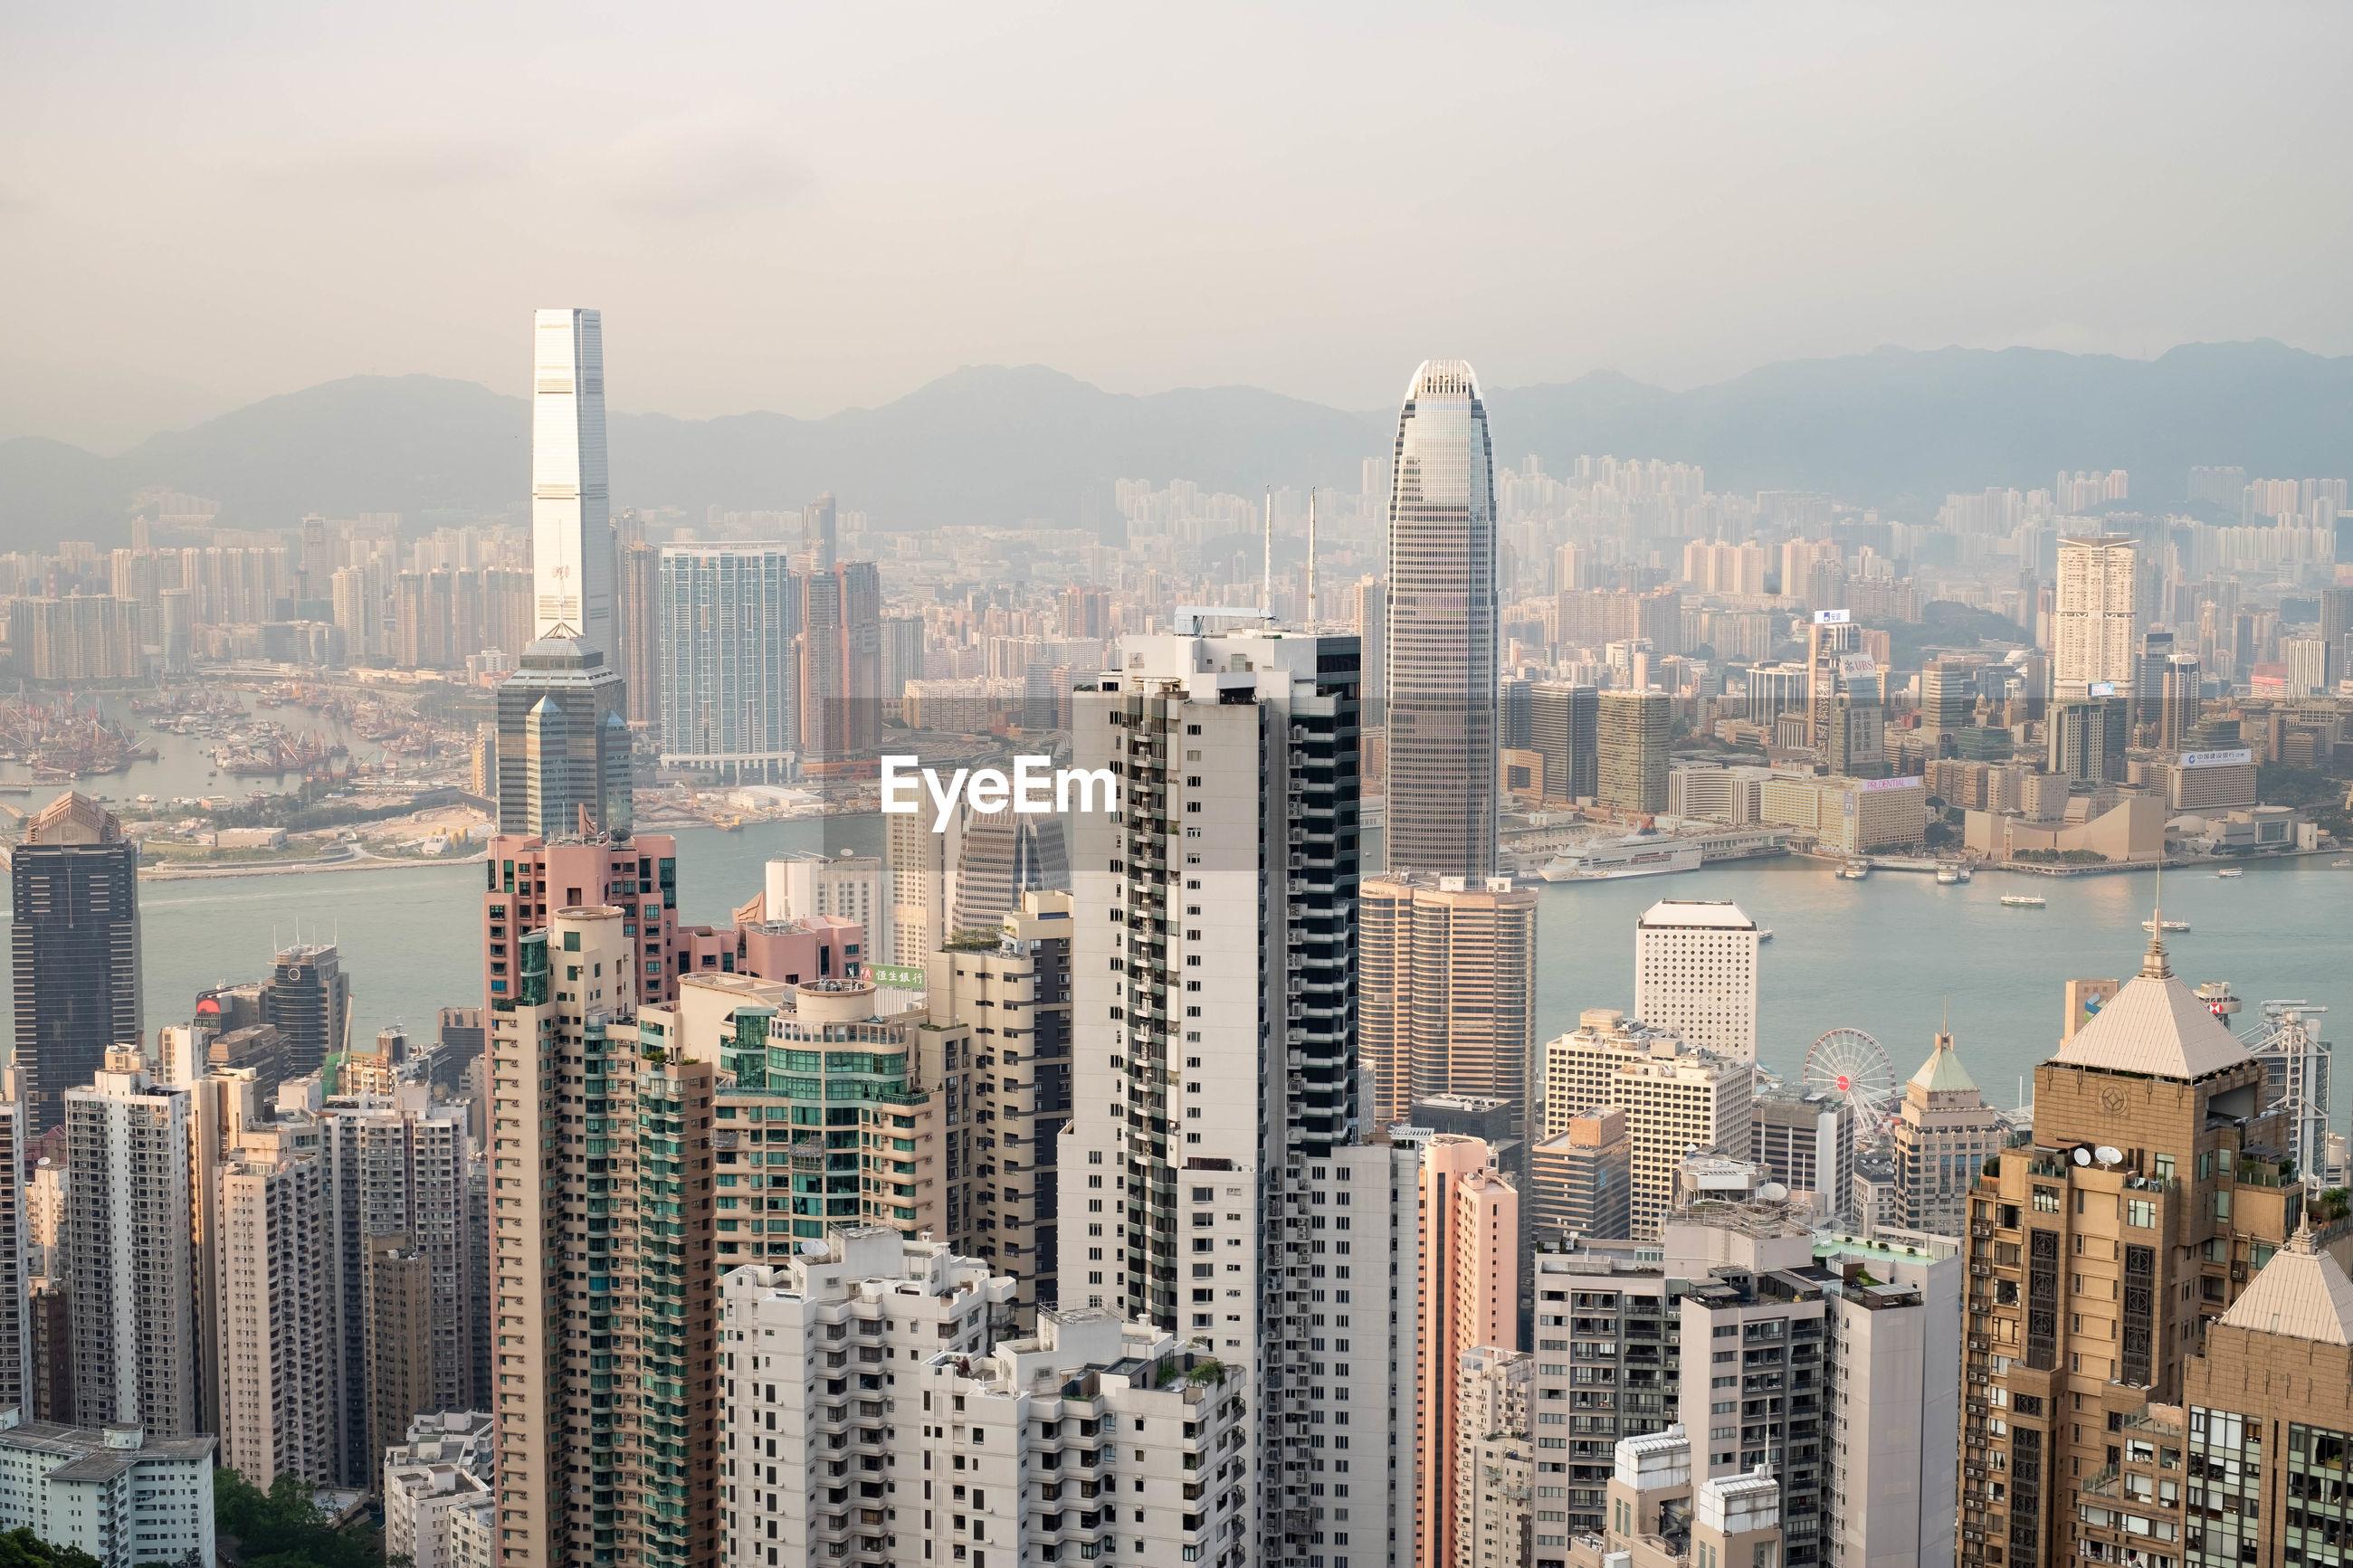 AERIAL VIEW OF MODERN BUILDINGS AGAINST SKY IN CITY